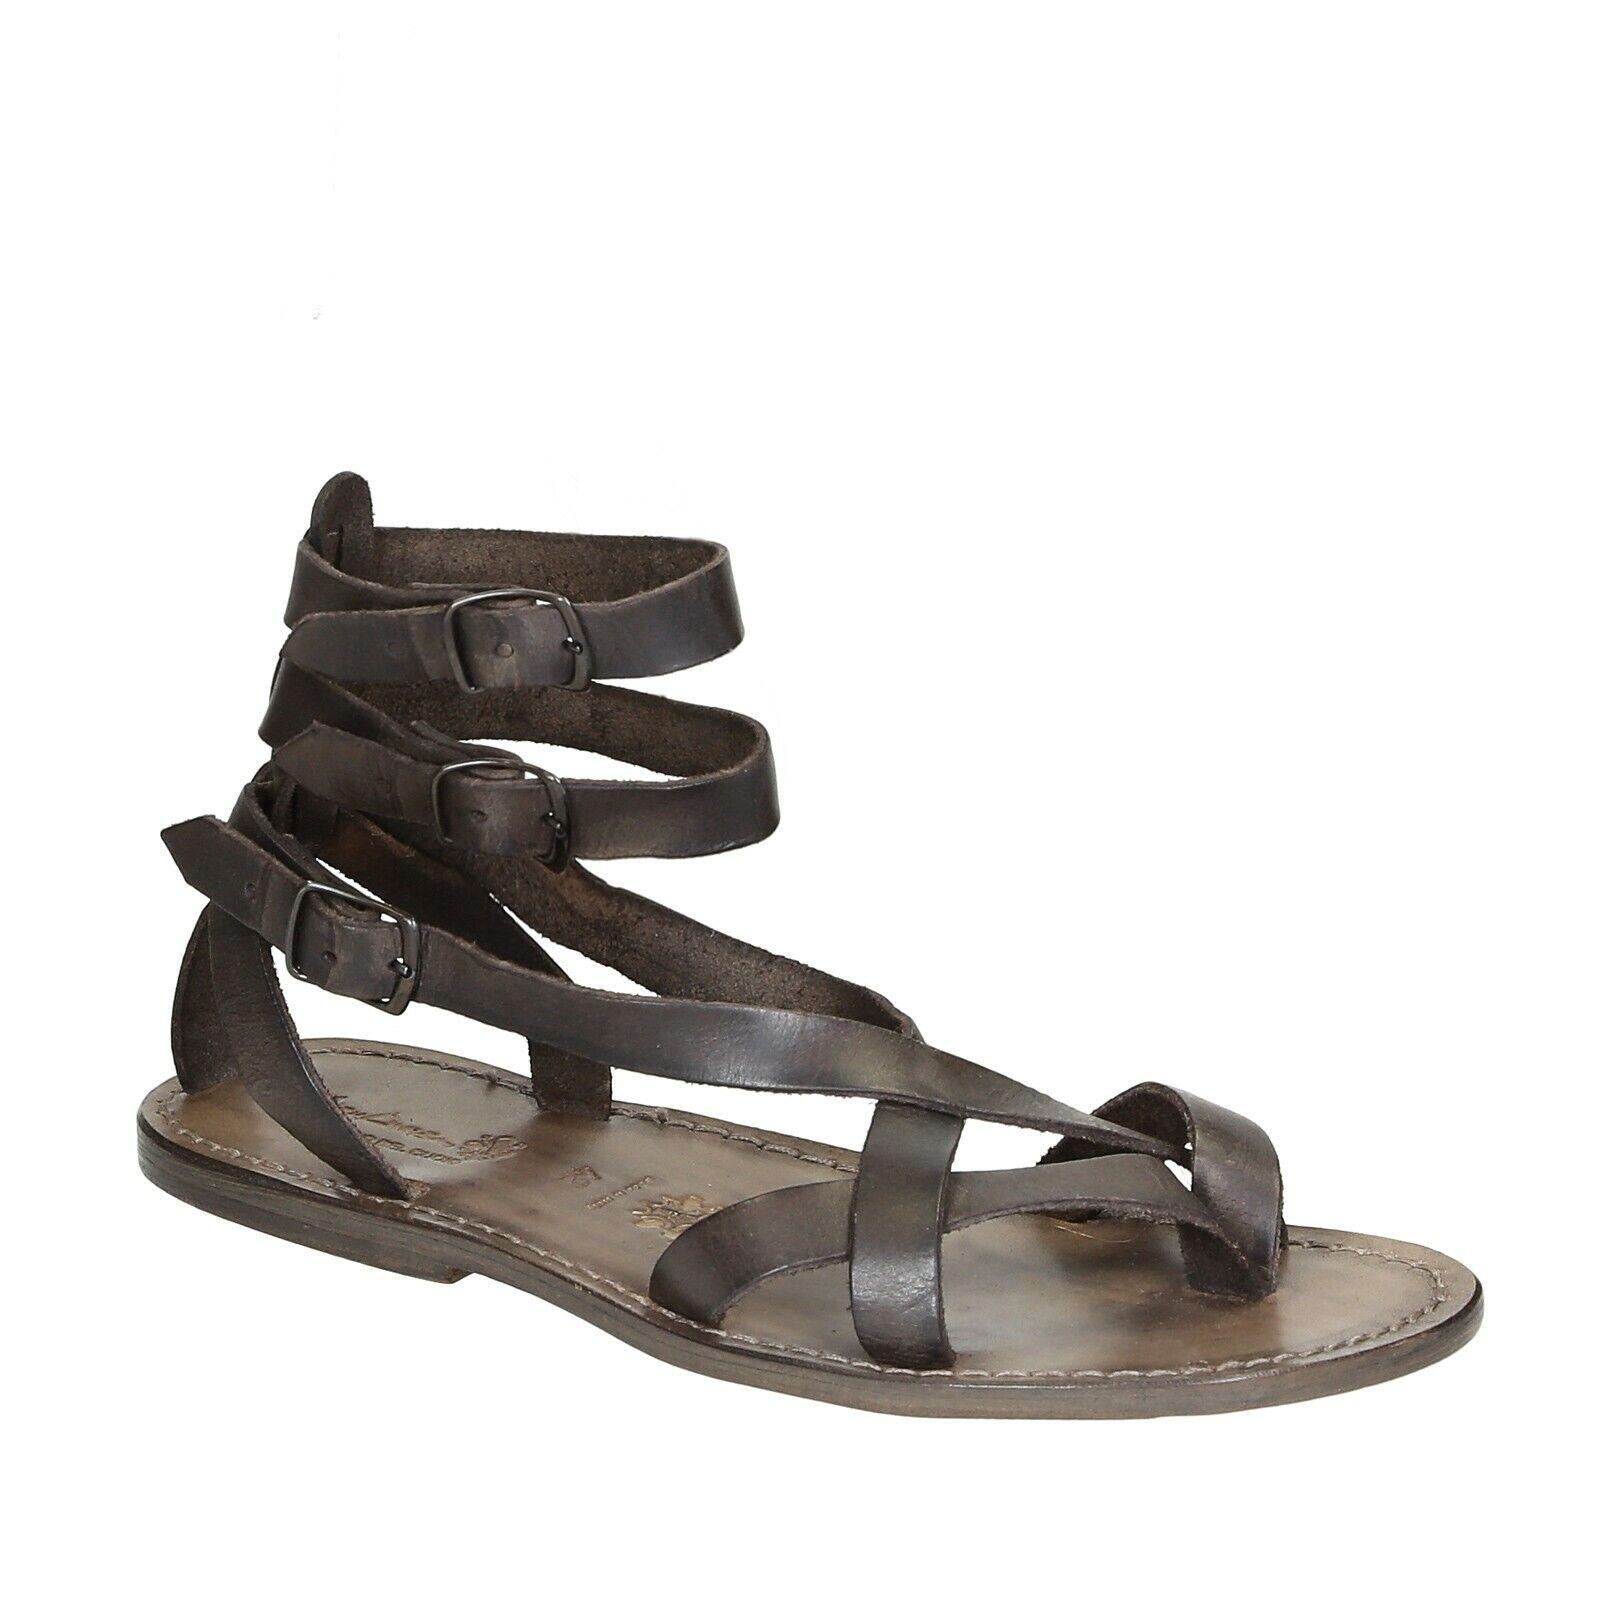 Fait Main Lanières plates ouvertes sandales pour hommes dans la boue en cuir véritable chaussures italiennes